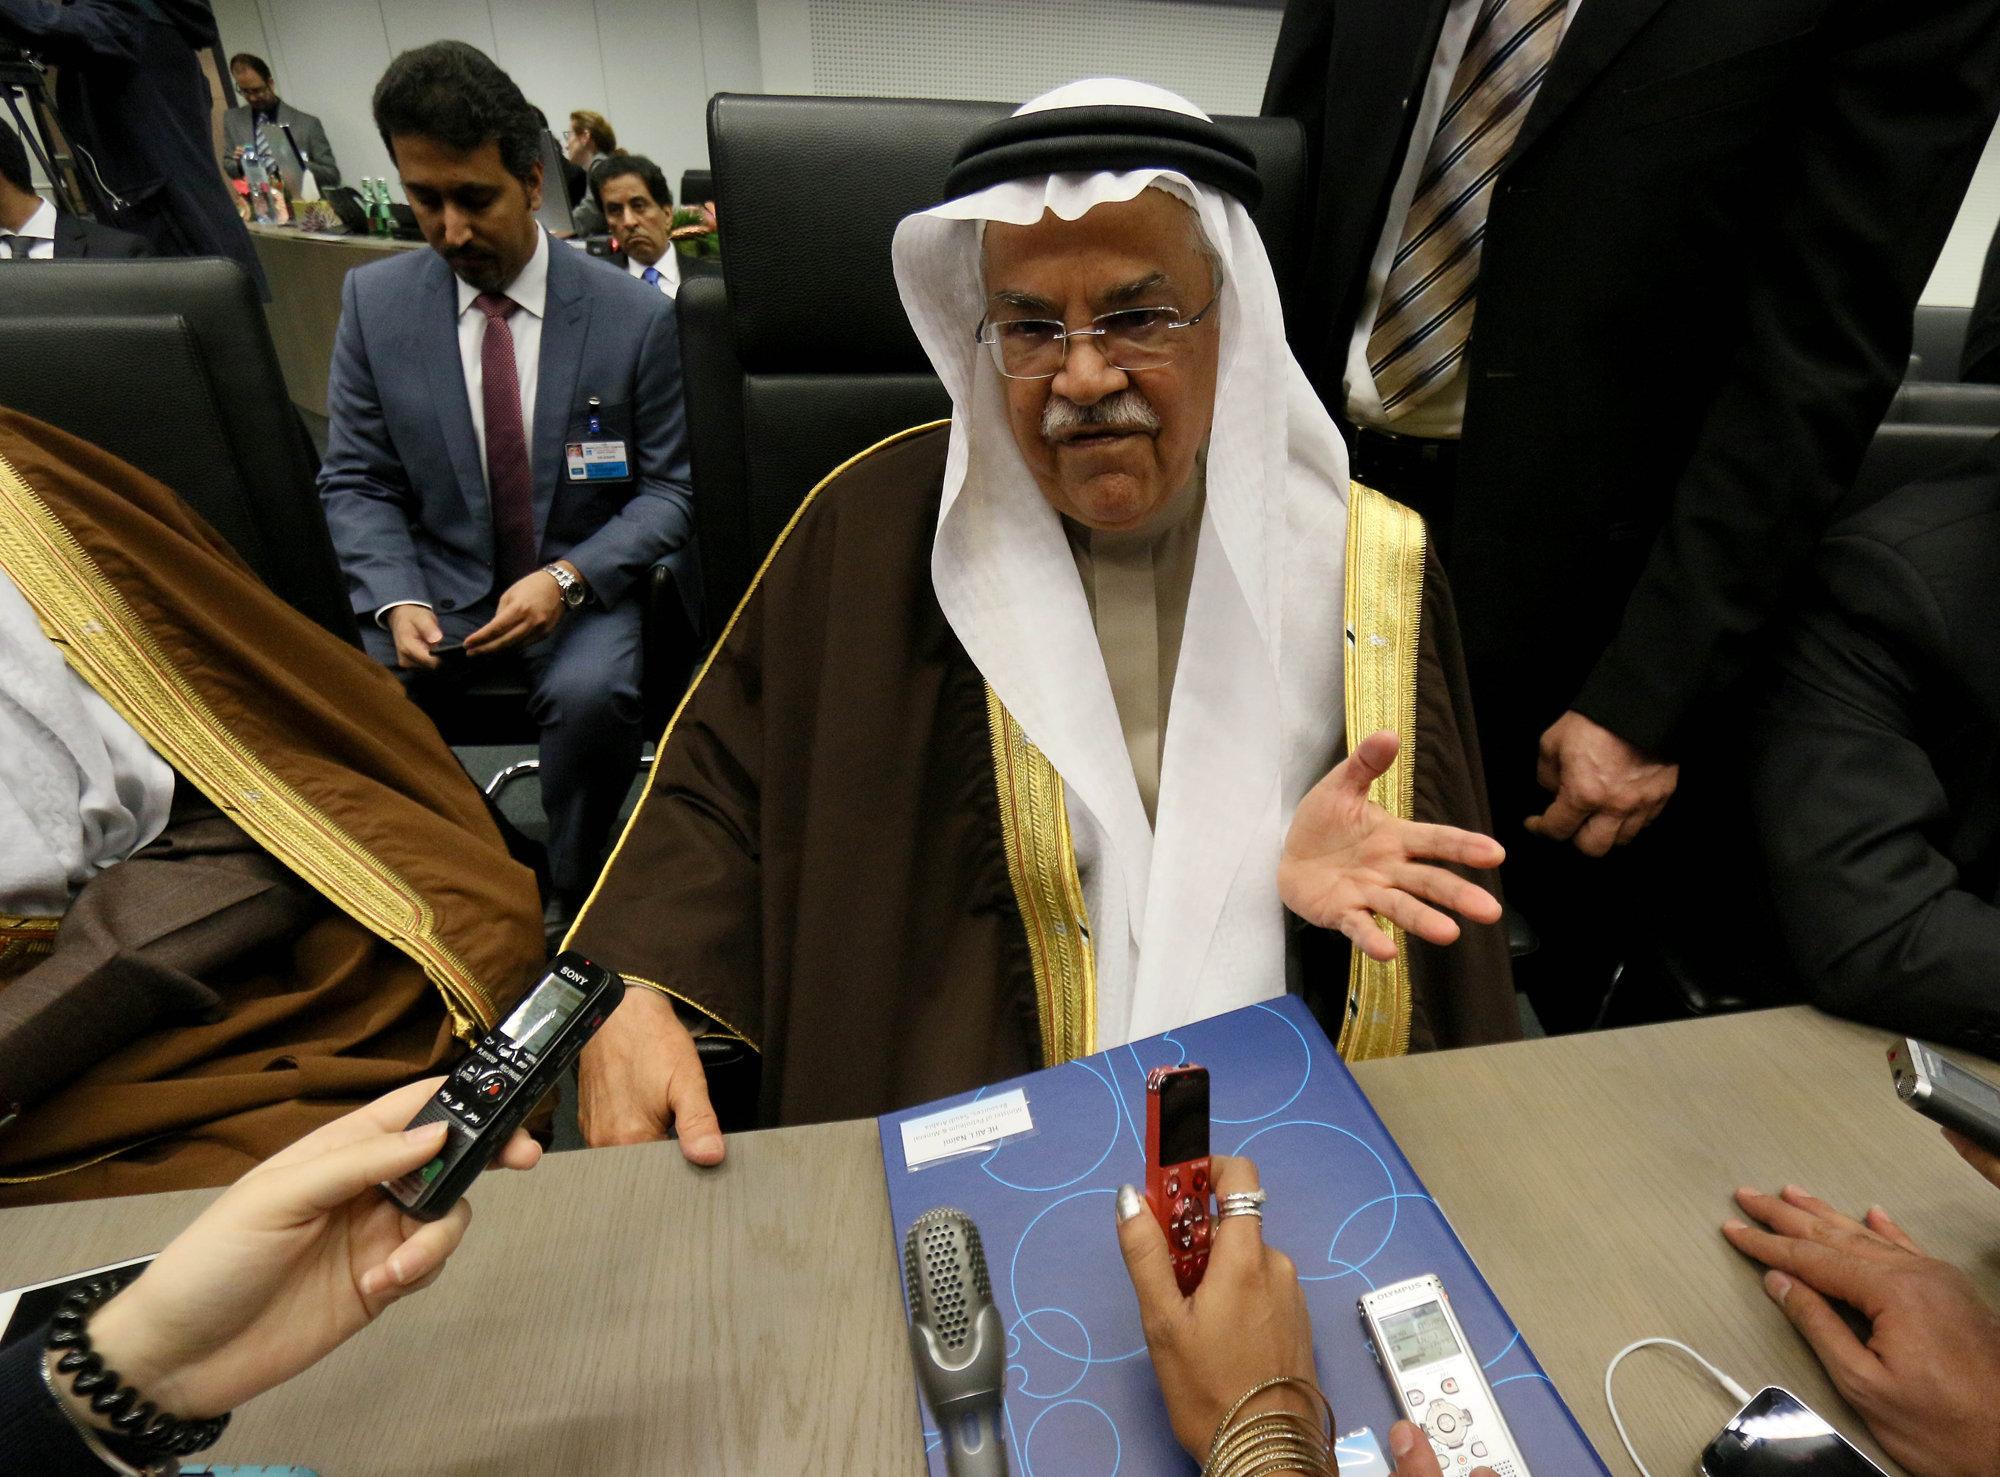 В отношениях с Ираном Саудовская Аравия смешивает нефть и политику